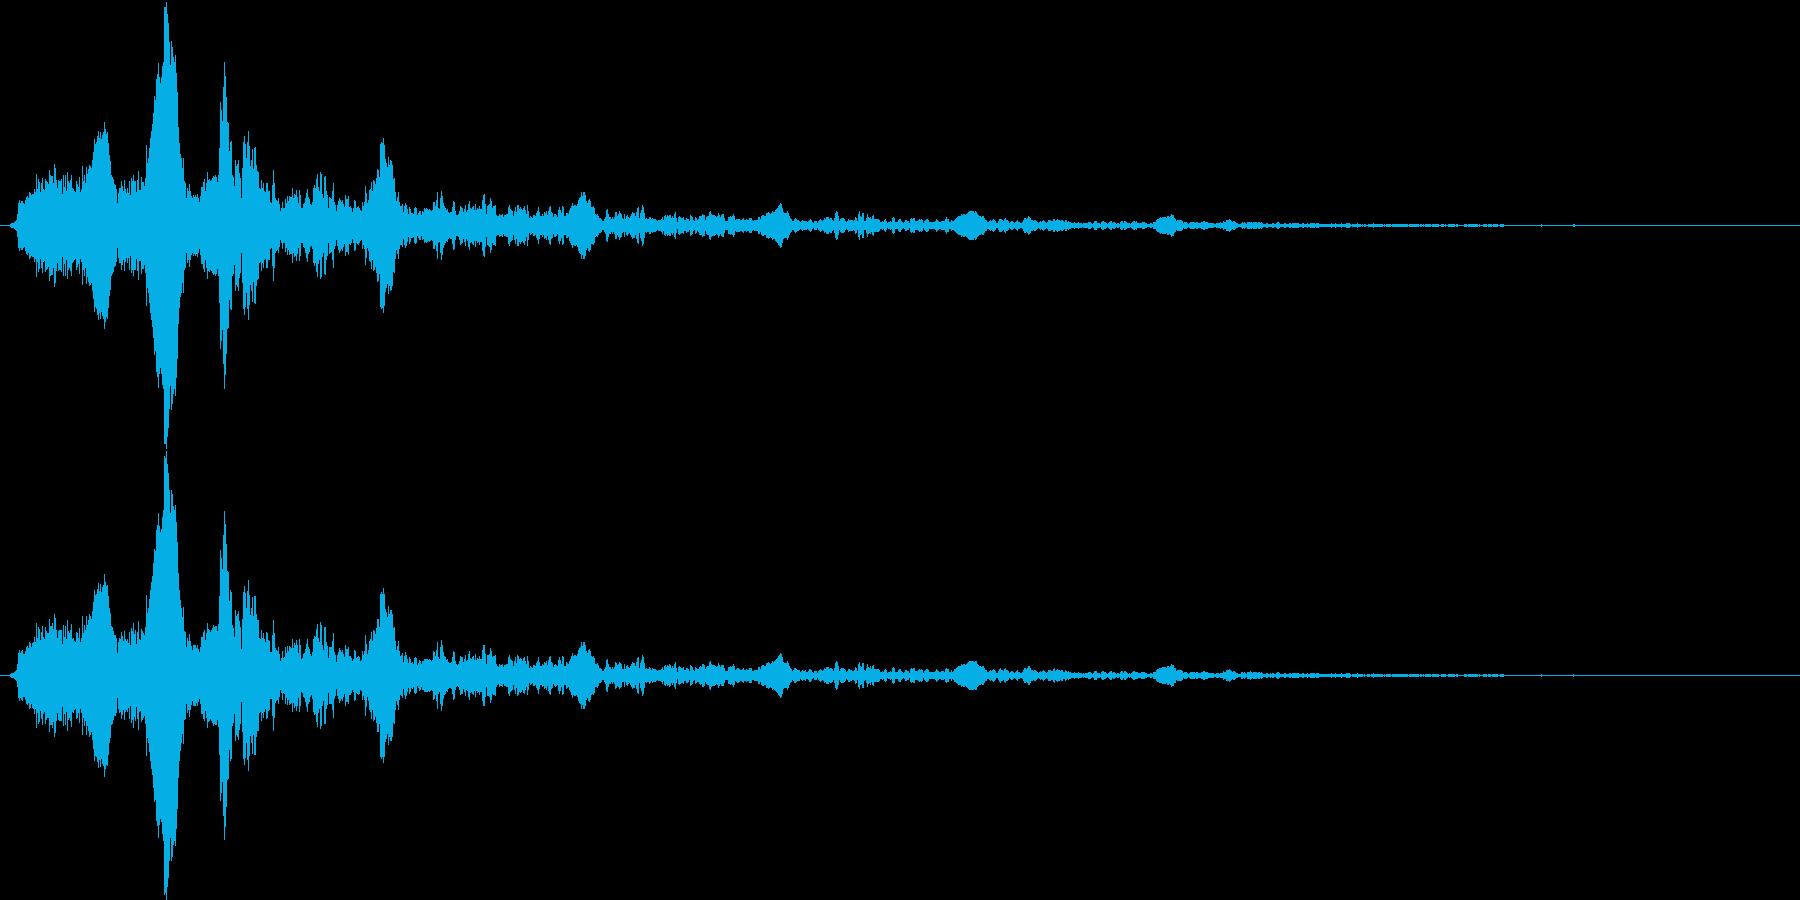 【女の子の幽霊】うふふふ……(エコー多)の再生済みの波形